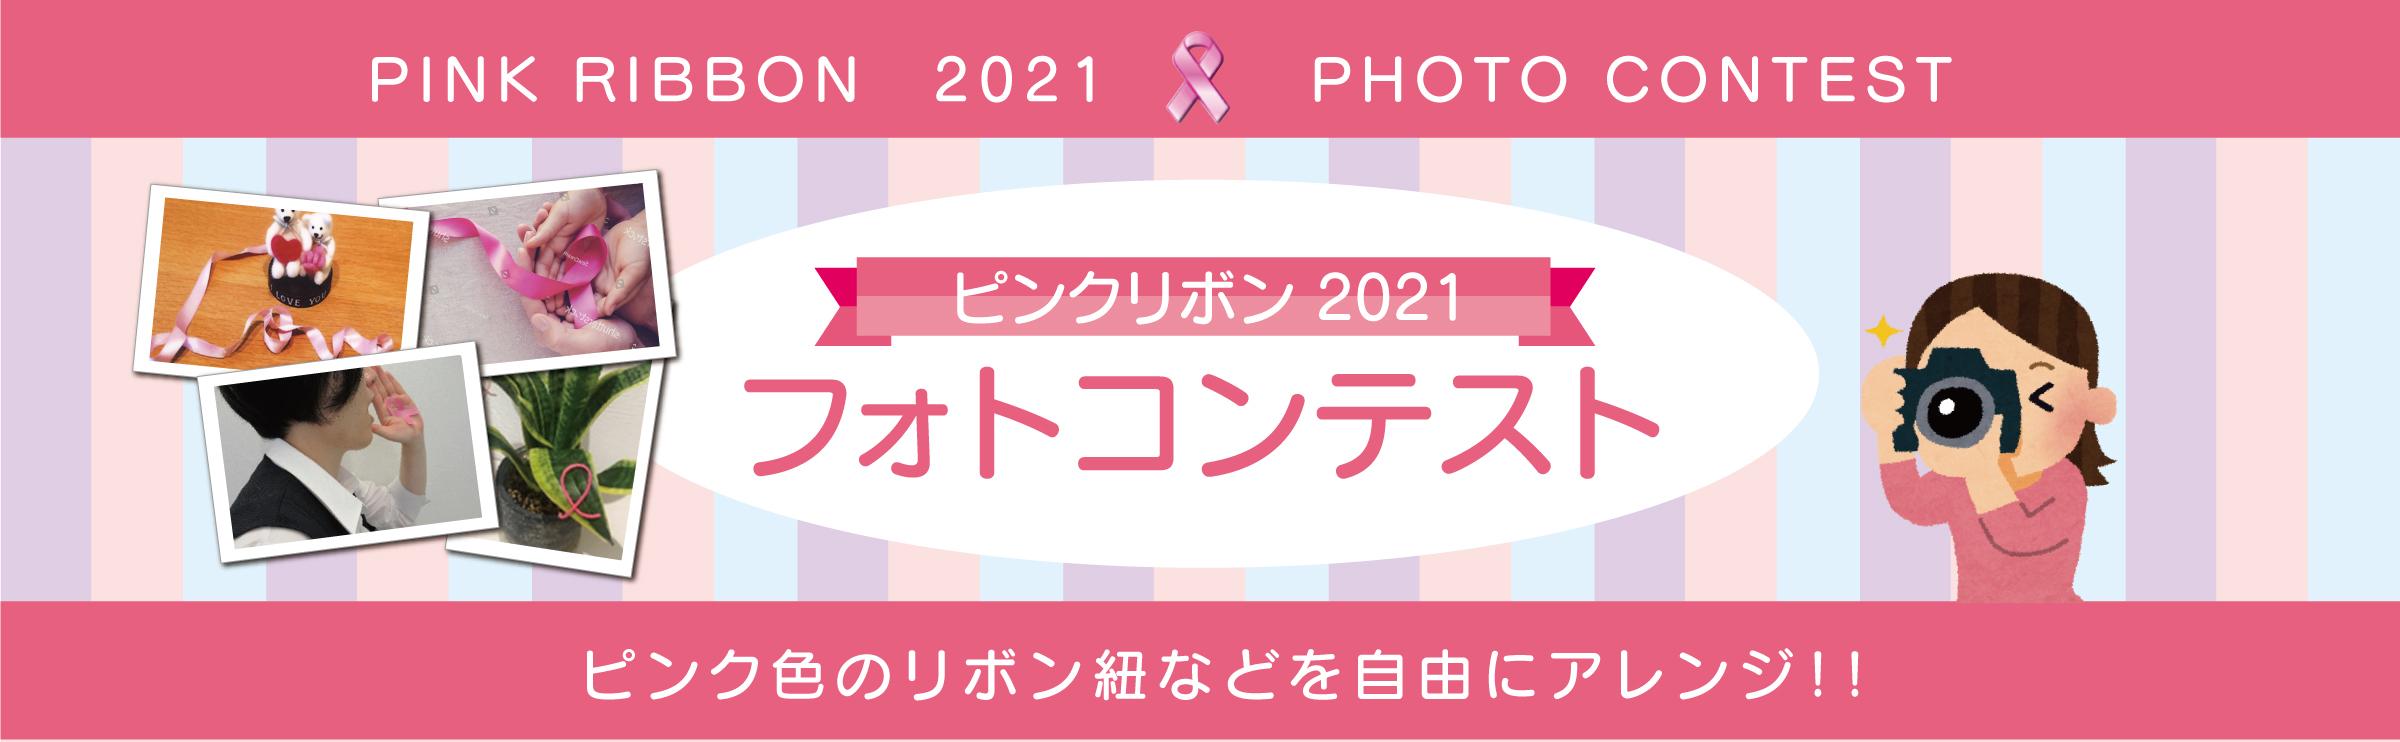 ピンクリボン2021 申込フォームページ